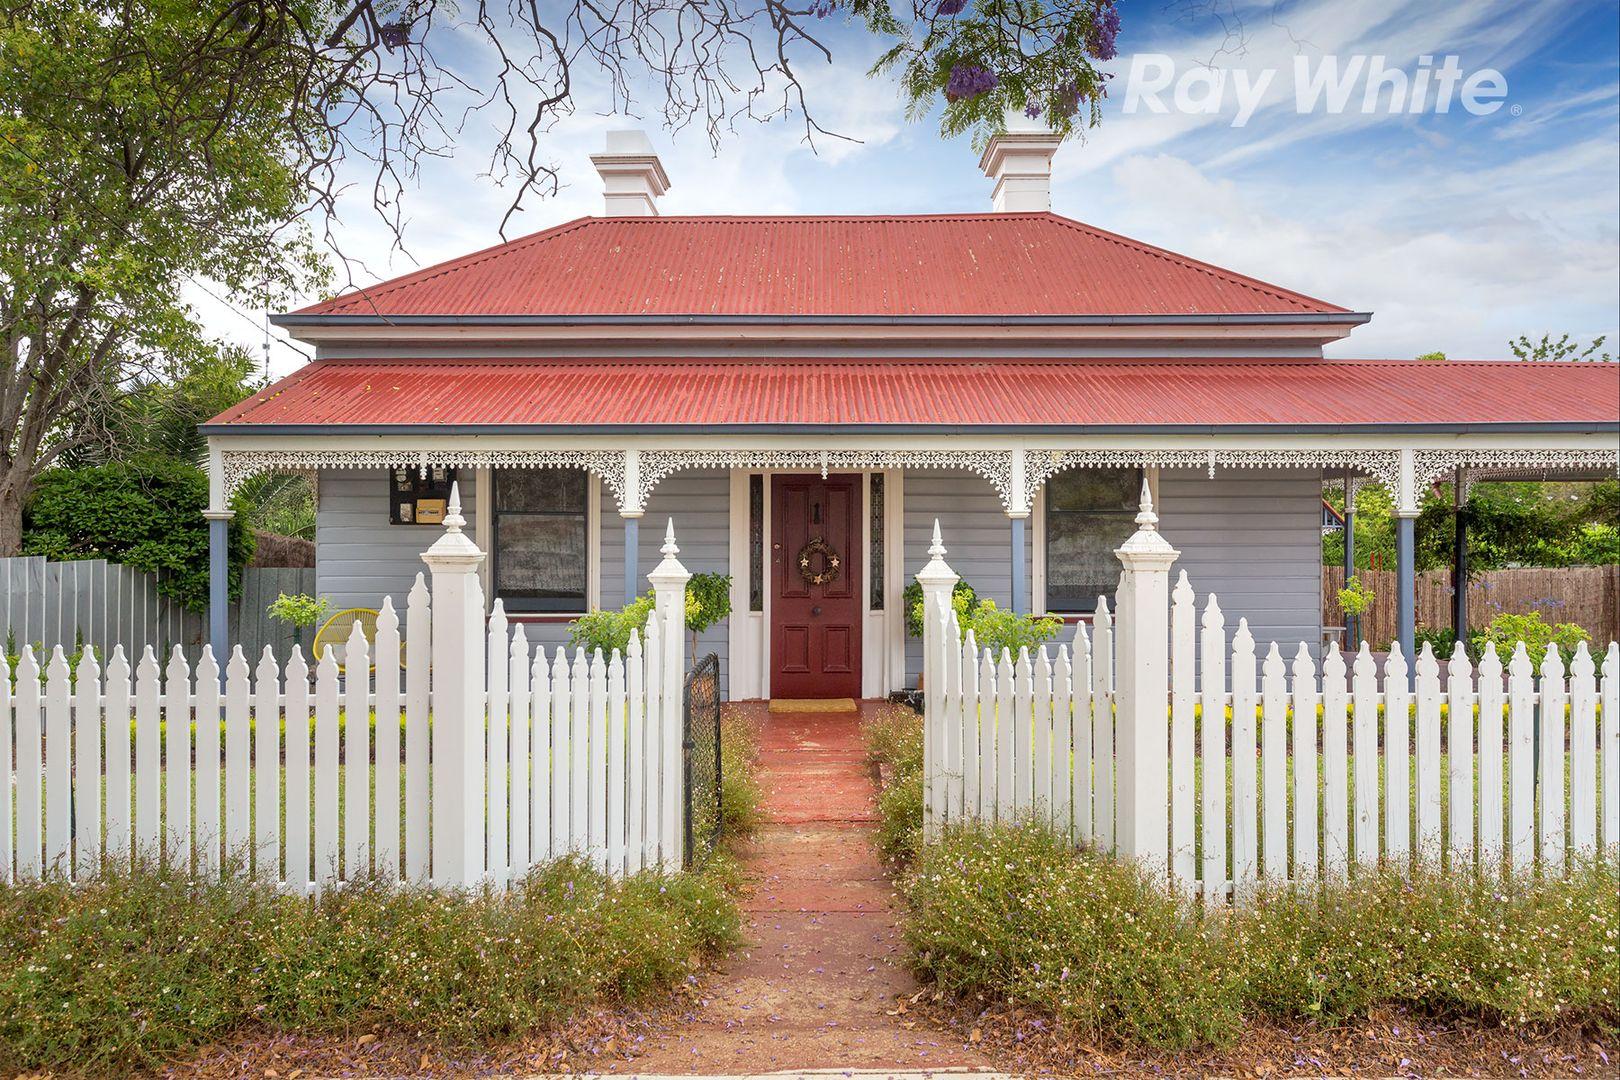 16 Gray Street Corowa, Corowa NSW 2646, Image 0